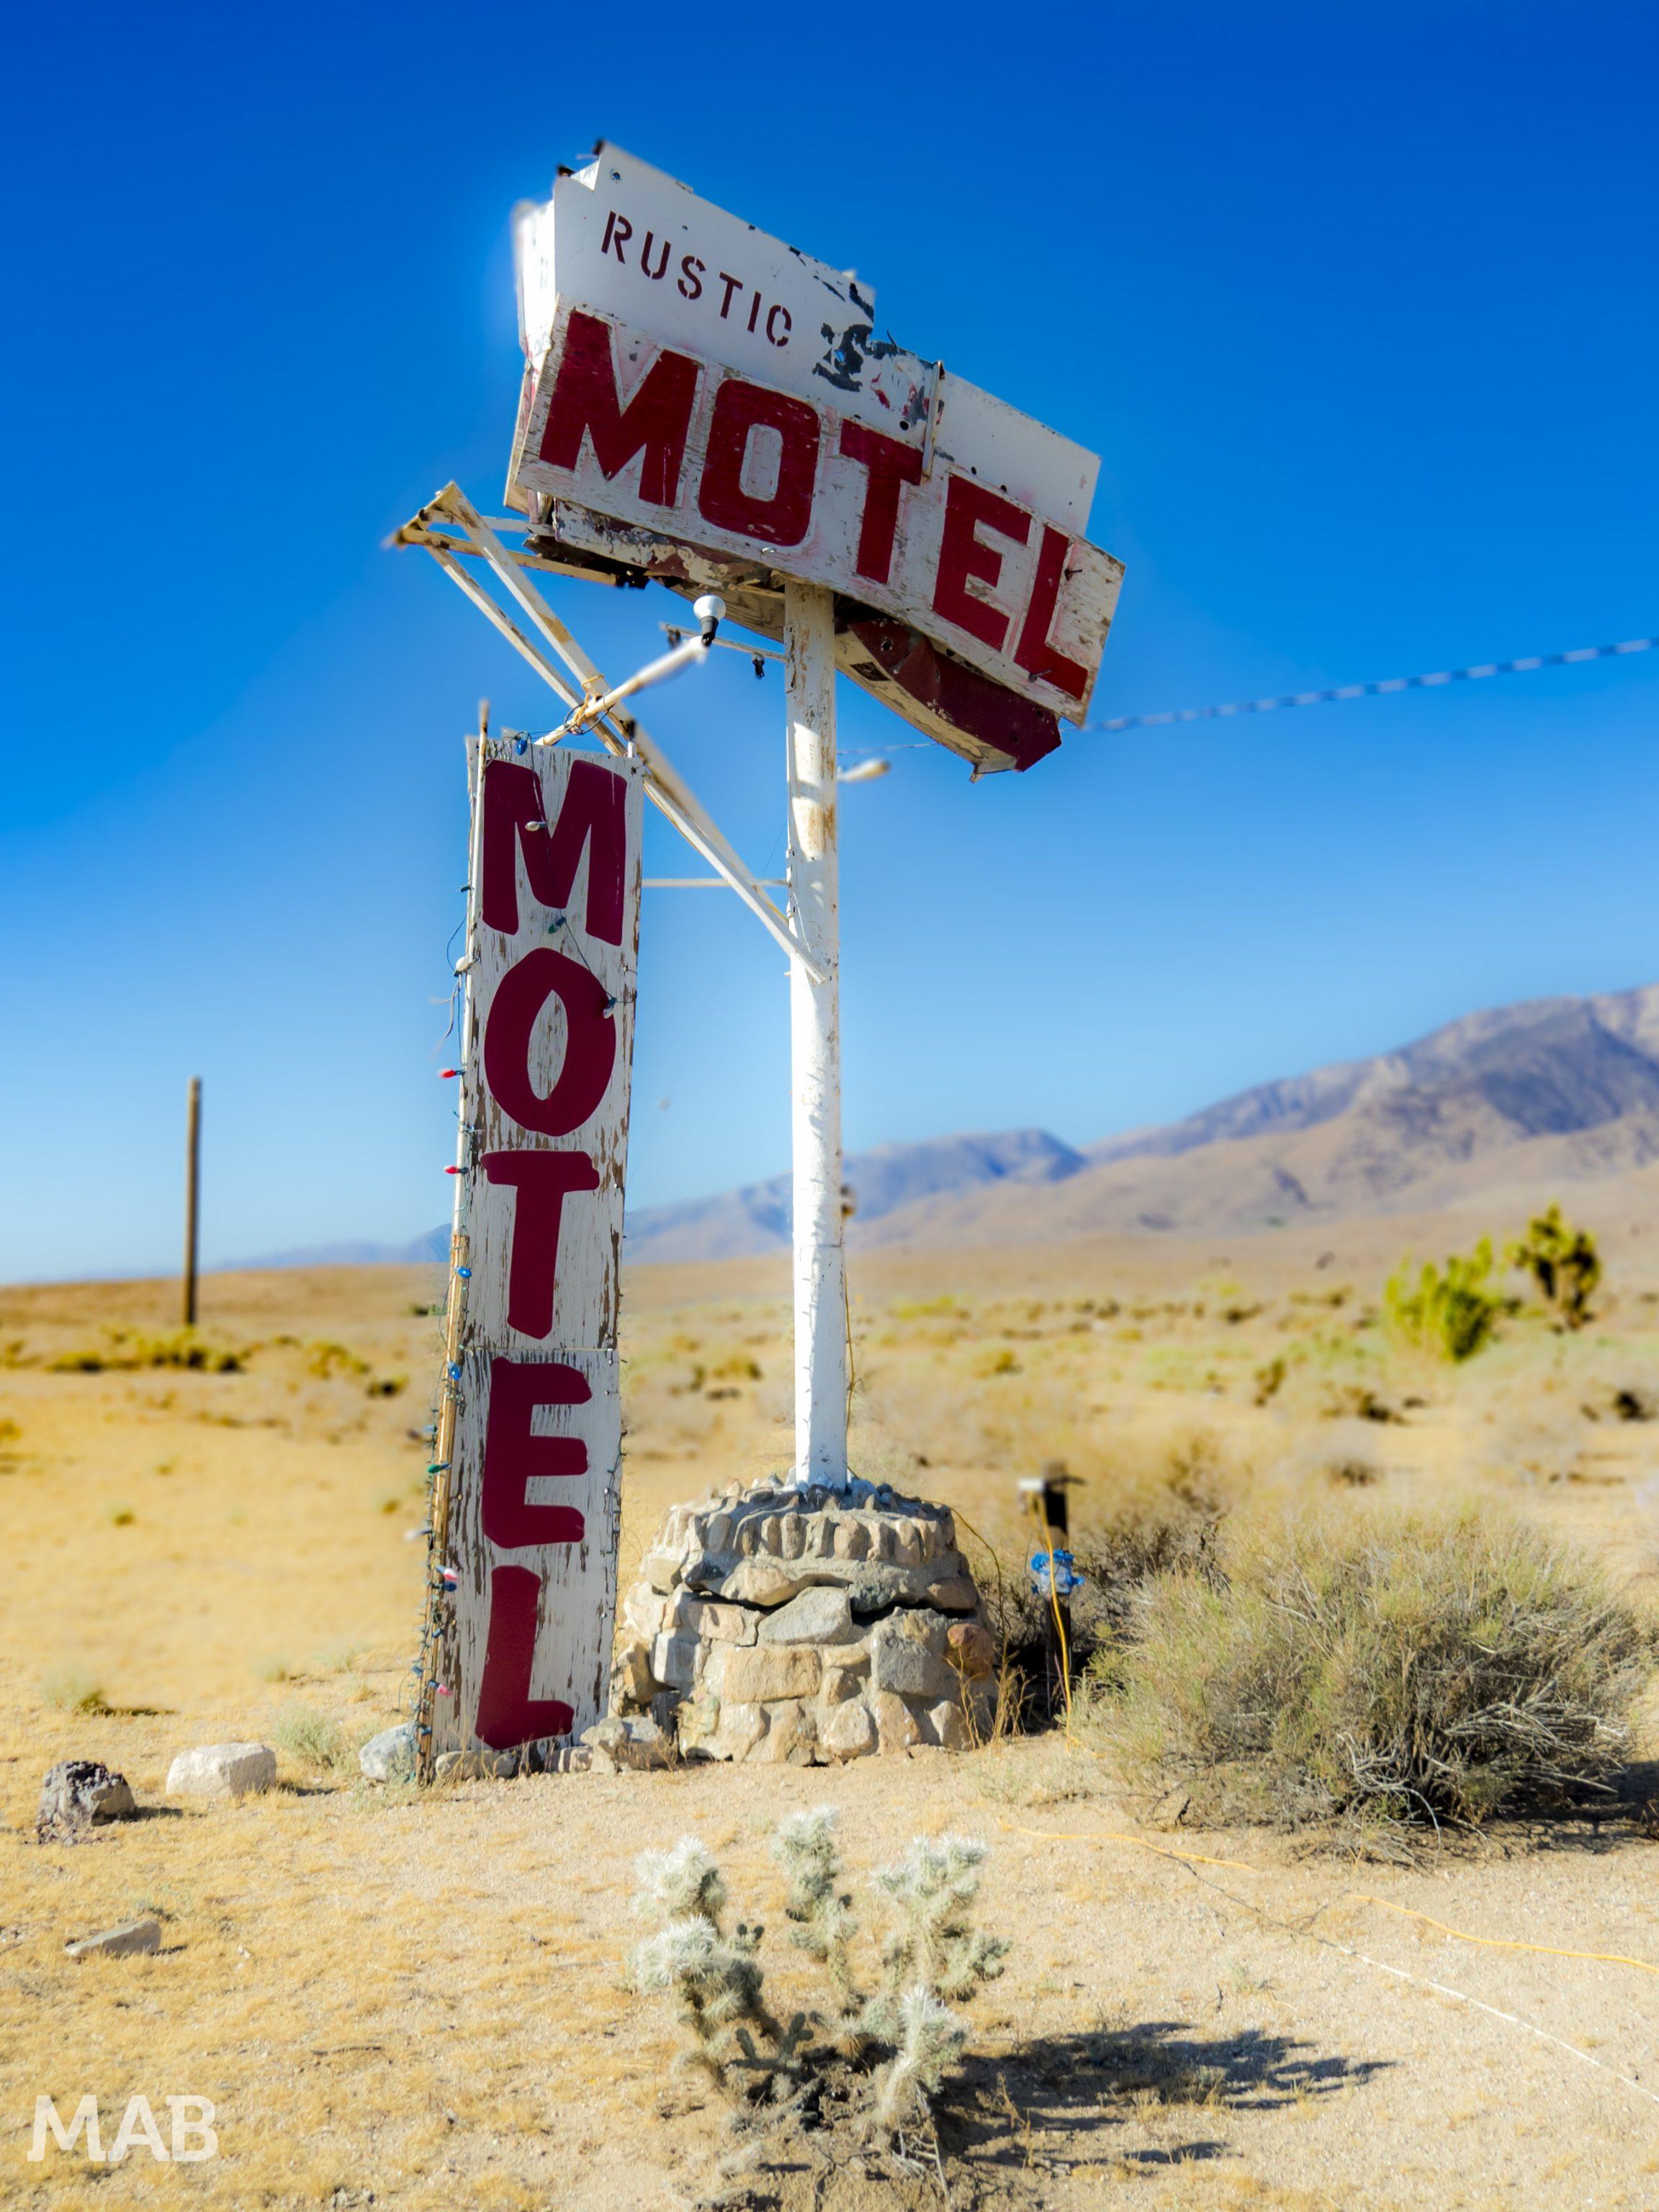 Rustic Motel Olancha